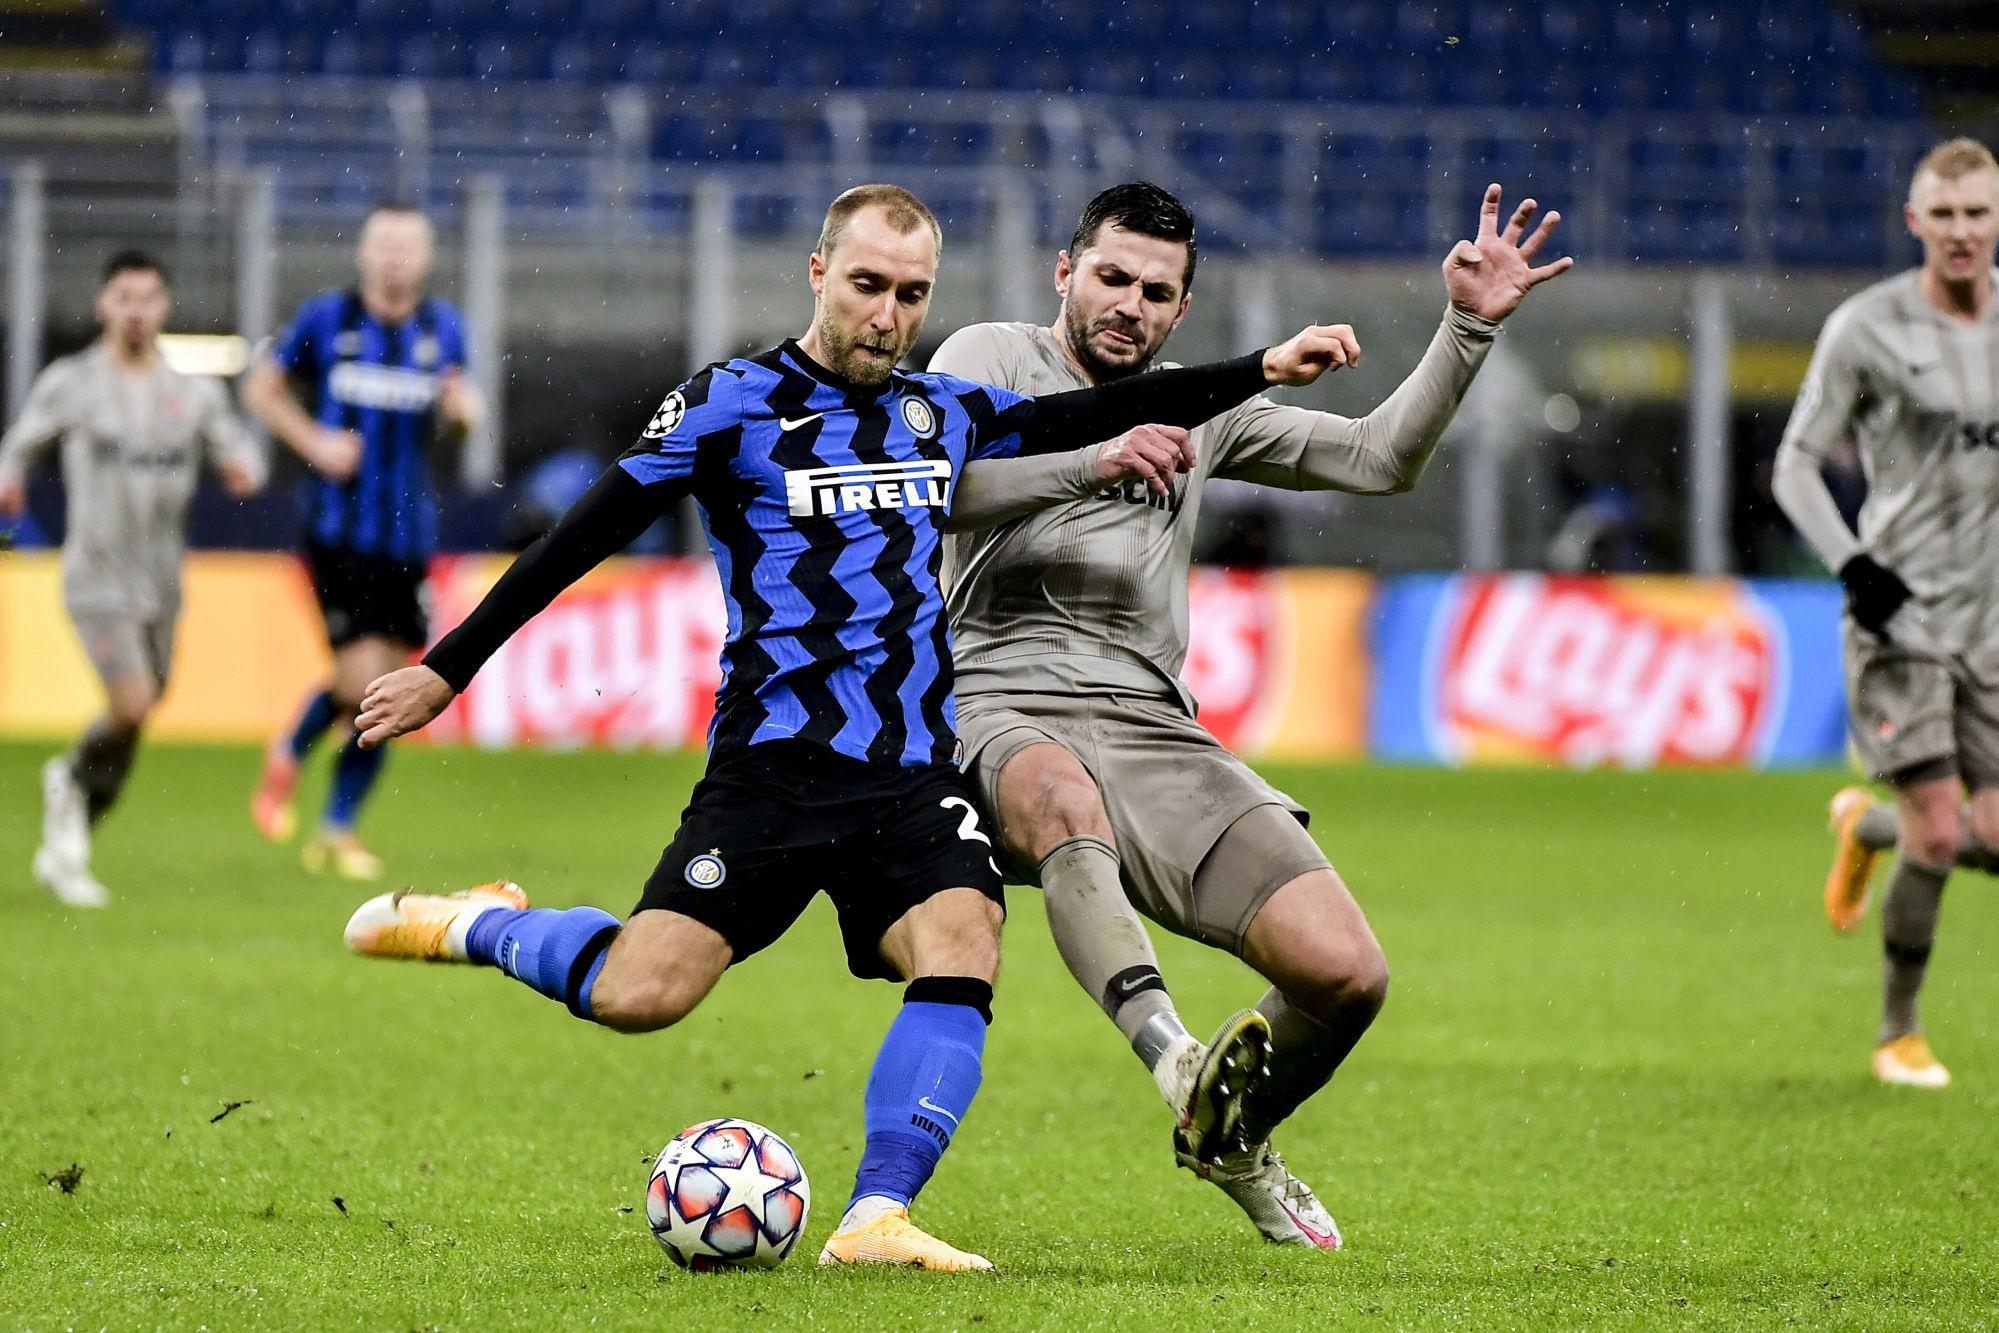 Mercato - Eriksen, Sky Sport fait le point sur l'intérêt du PSG et évoque un retour en Premier League